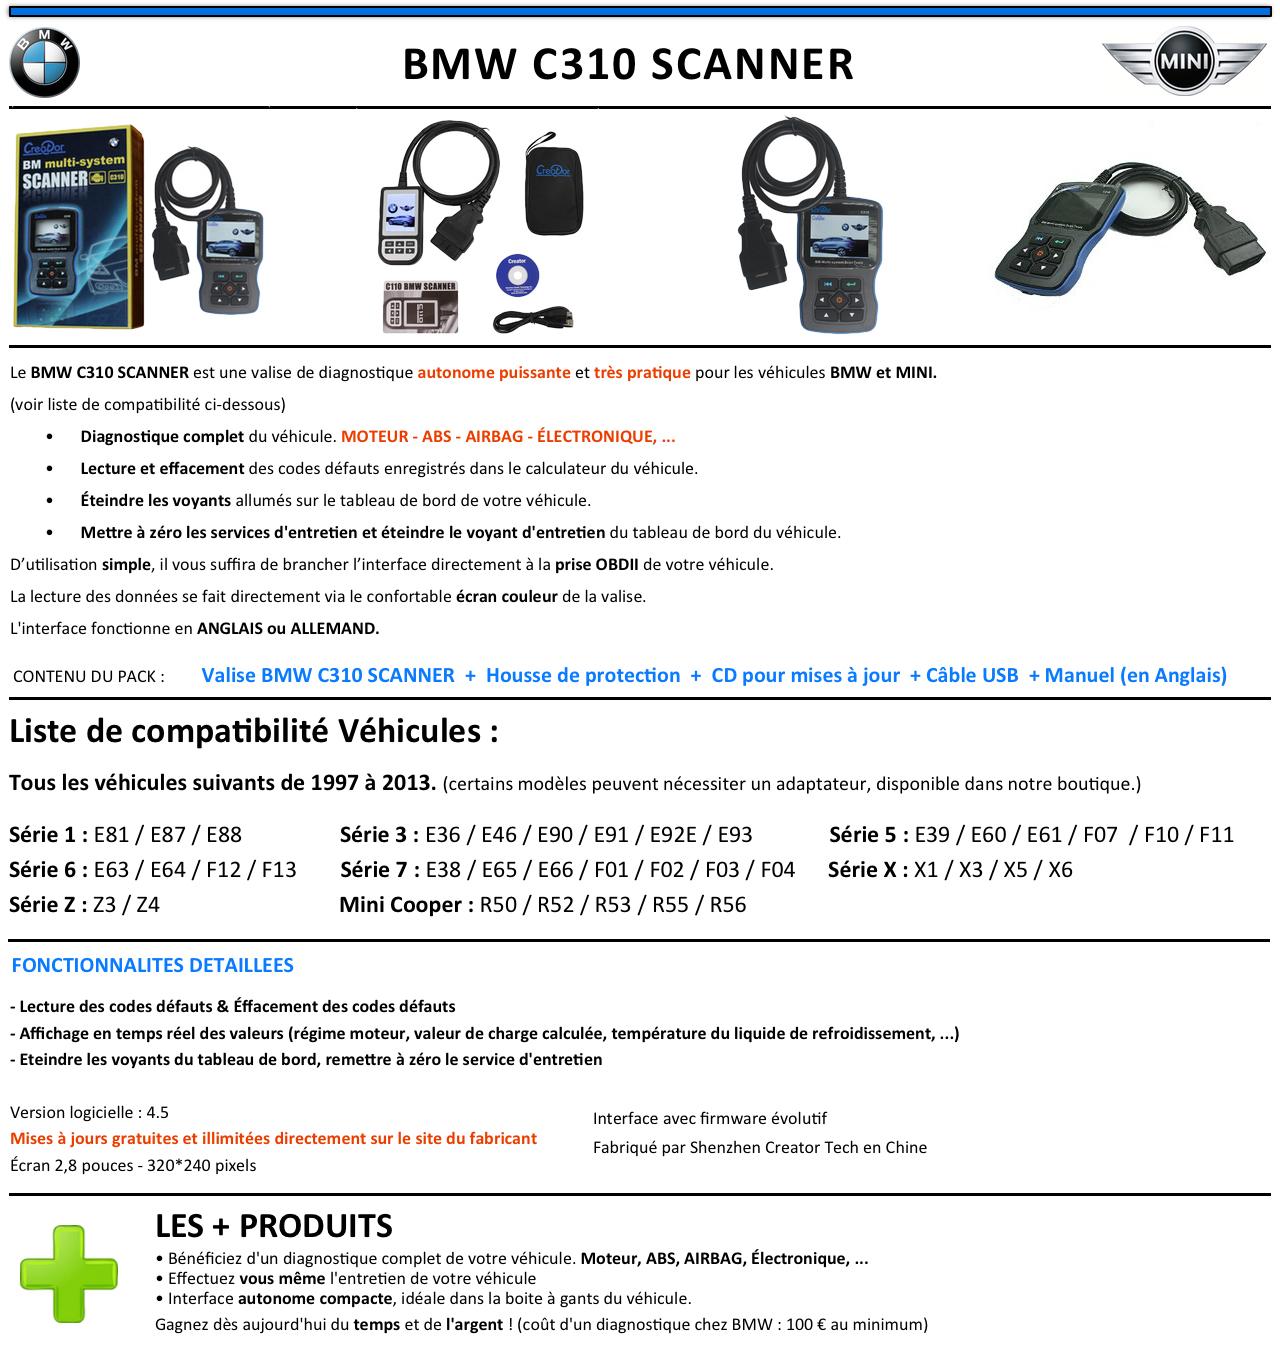 valise appareil diagnostique pro bmw mini en fran ais obd2 diagnostic bmw c310 ebay. Black Bedroom Furniture Sets. Home Design Ideas